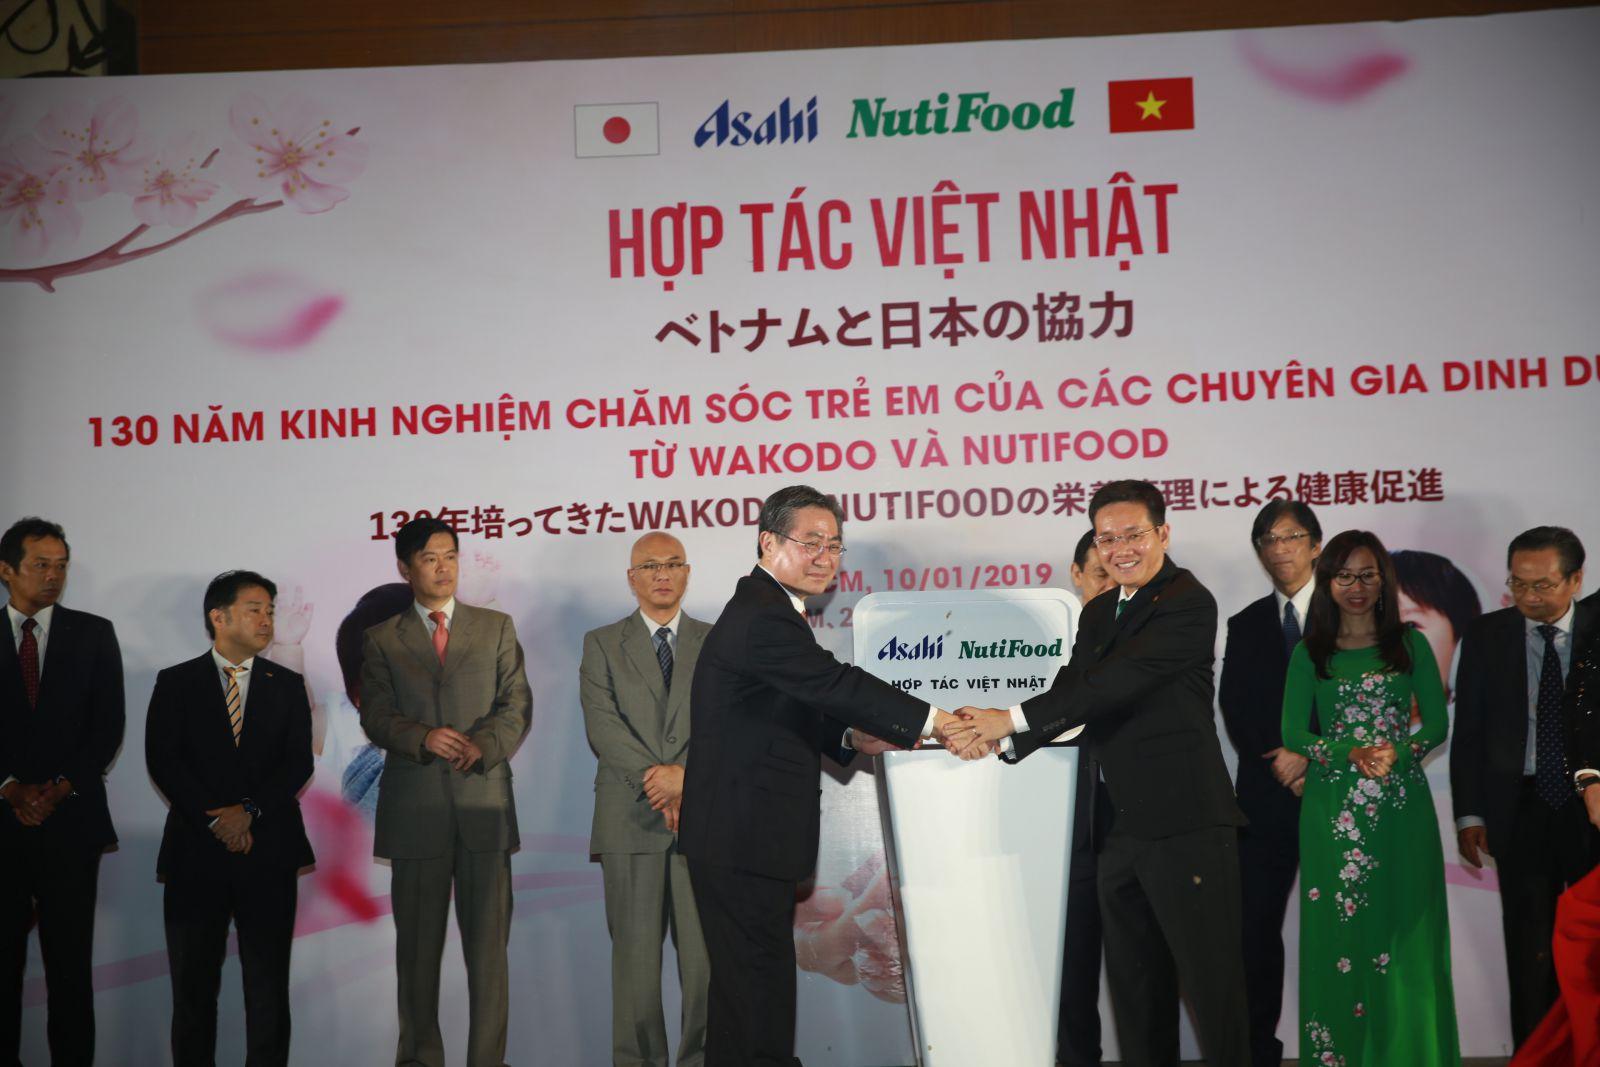 Asahi- NutiFood với hơn 130 năm kinh nghiệm là chìa khóa để xây dựng một thể hệ tương lai tốt đẹp cho trẻ em Việt Nam.